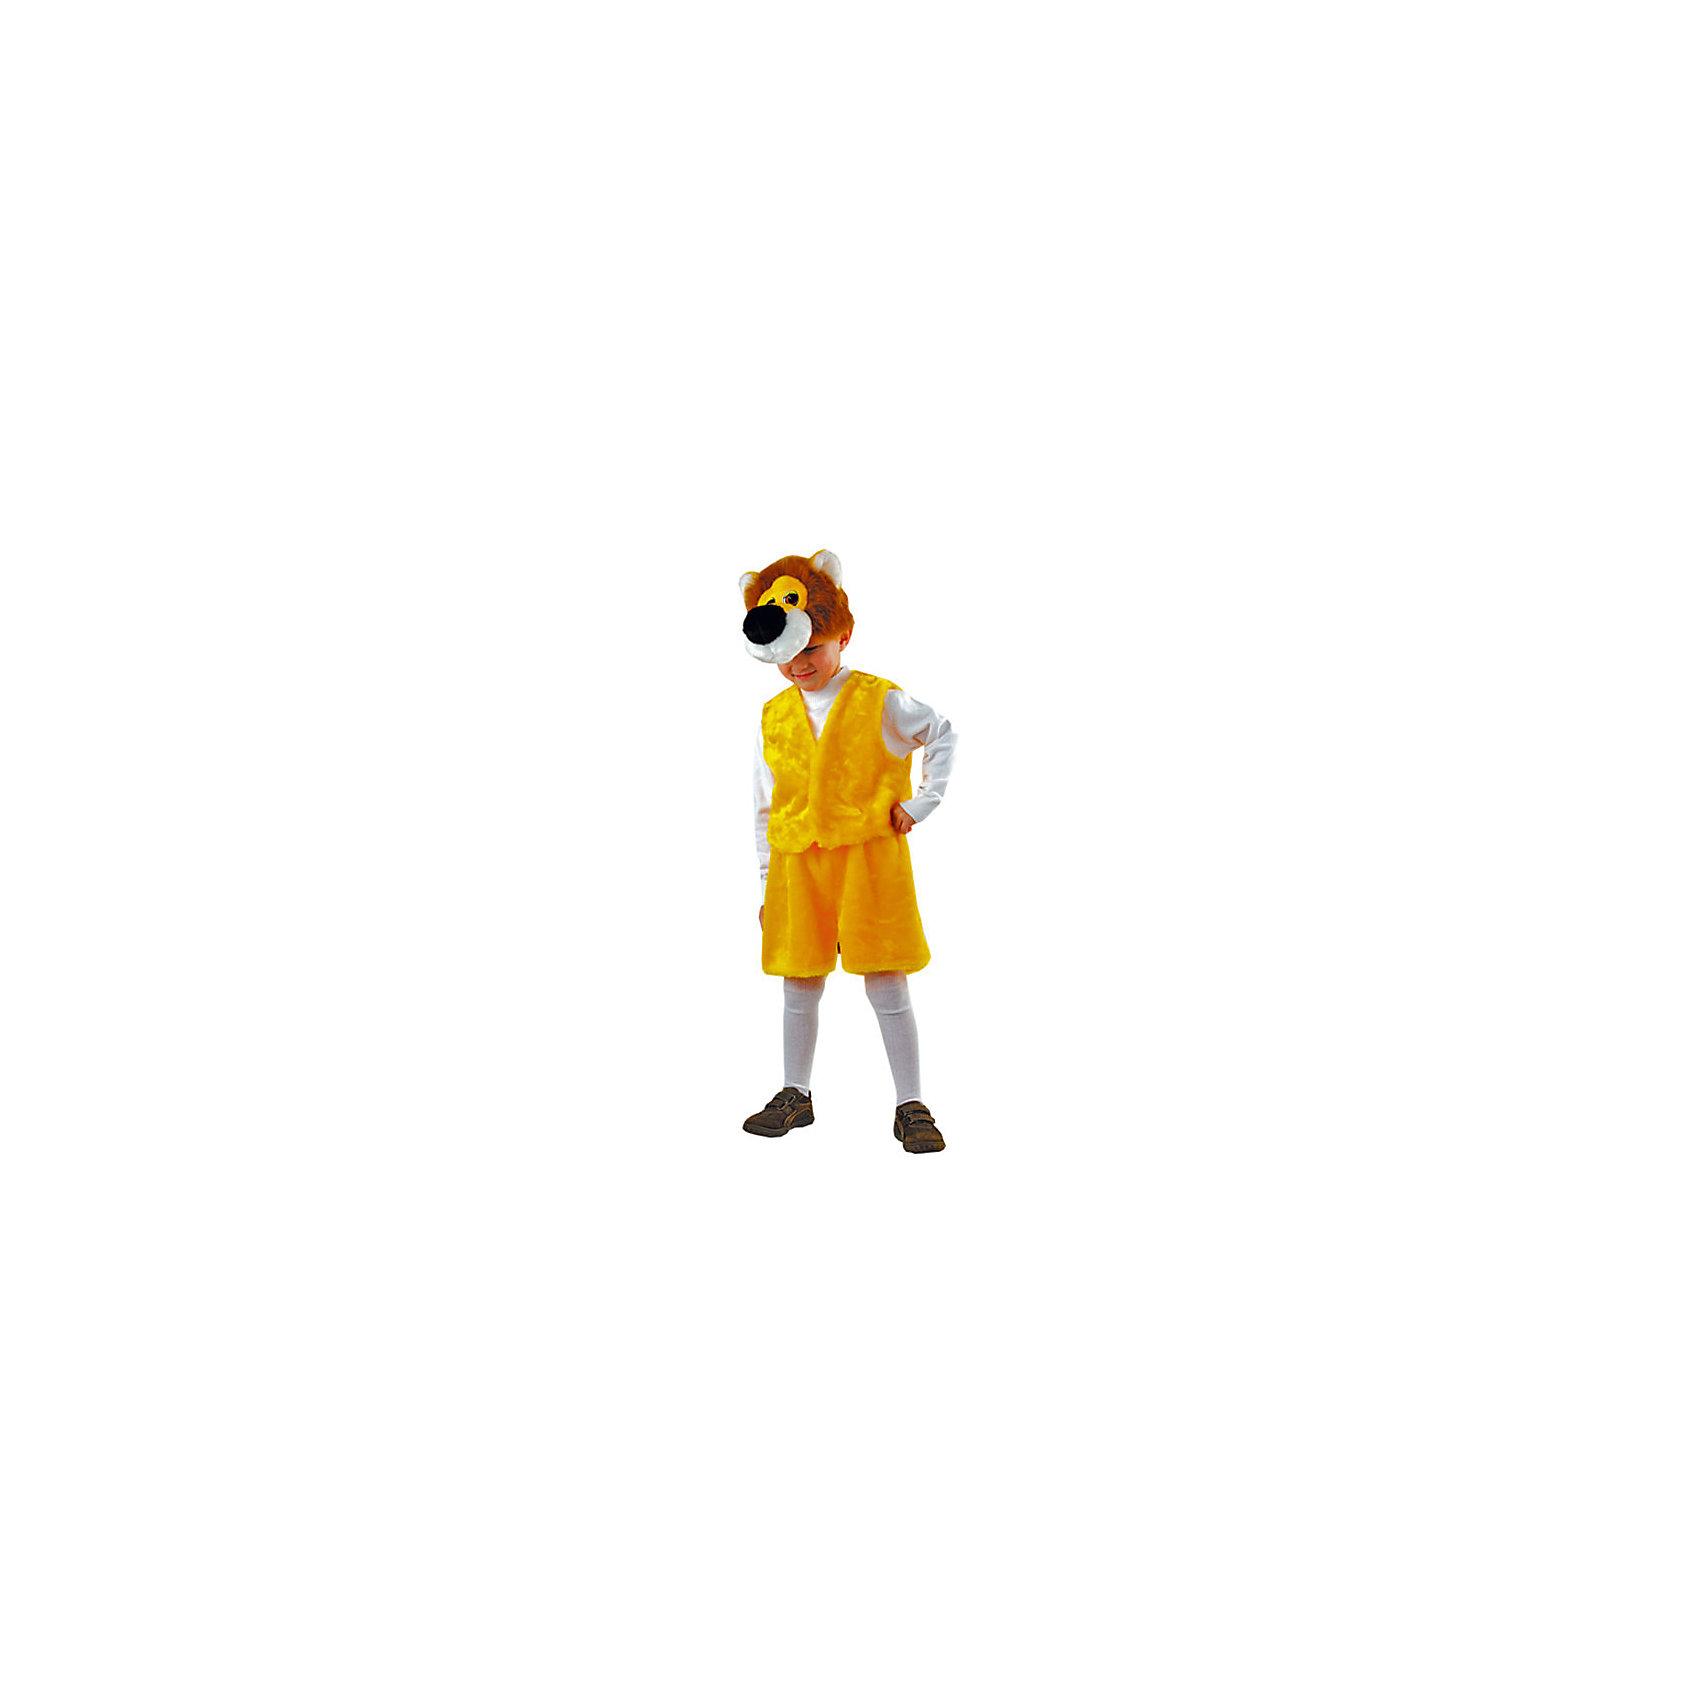 Костюм ЛевДля мальчиков<br>Характеристики товара:<br><br>• цвет: желтый<br>• комплектация: головной убор, жилет<br>• материал: текстиль, полиэстер, пластик<br>• размер упаковки: 35х10х47 см<br>• упаковка: пакет<br>• возраст: от 3 лет<br>• страна бренда: Российская Федерация<br>• страна изготовитель: Российская Федерация<br><br>Новогодние праздники - отличная возможность перевоплотиться в кого угодно, надев маскарадный костюм. Этот набор позволит ребенку мгновенно превратиться в симпатичного льва!<br>Он состоит из двух предметов, которые подойдут дошкольникам и младшим школьникам - размер универсален. Изделия удобно сидят и позволяют ребенку наслаждаться праздником или принимать участие в постановке. Модель хорошо проработана, сшита из качественных и проверенных материалов, которые безопасны для детей.<br><br>Костюм Лев можно купить в нашем интернет-магазине.<br><br>Ширина мм: 350<br>Глубина мм: 470<br>Высота мм: 100<br>Вес г: 170<br>Возраст от месяцев: 36<br>Возраст до месяцев: 96<br>Пол: Мужской<br>Возраст: Детский<br>SKU: 5177194